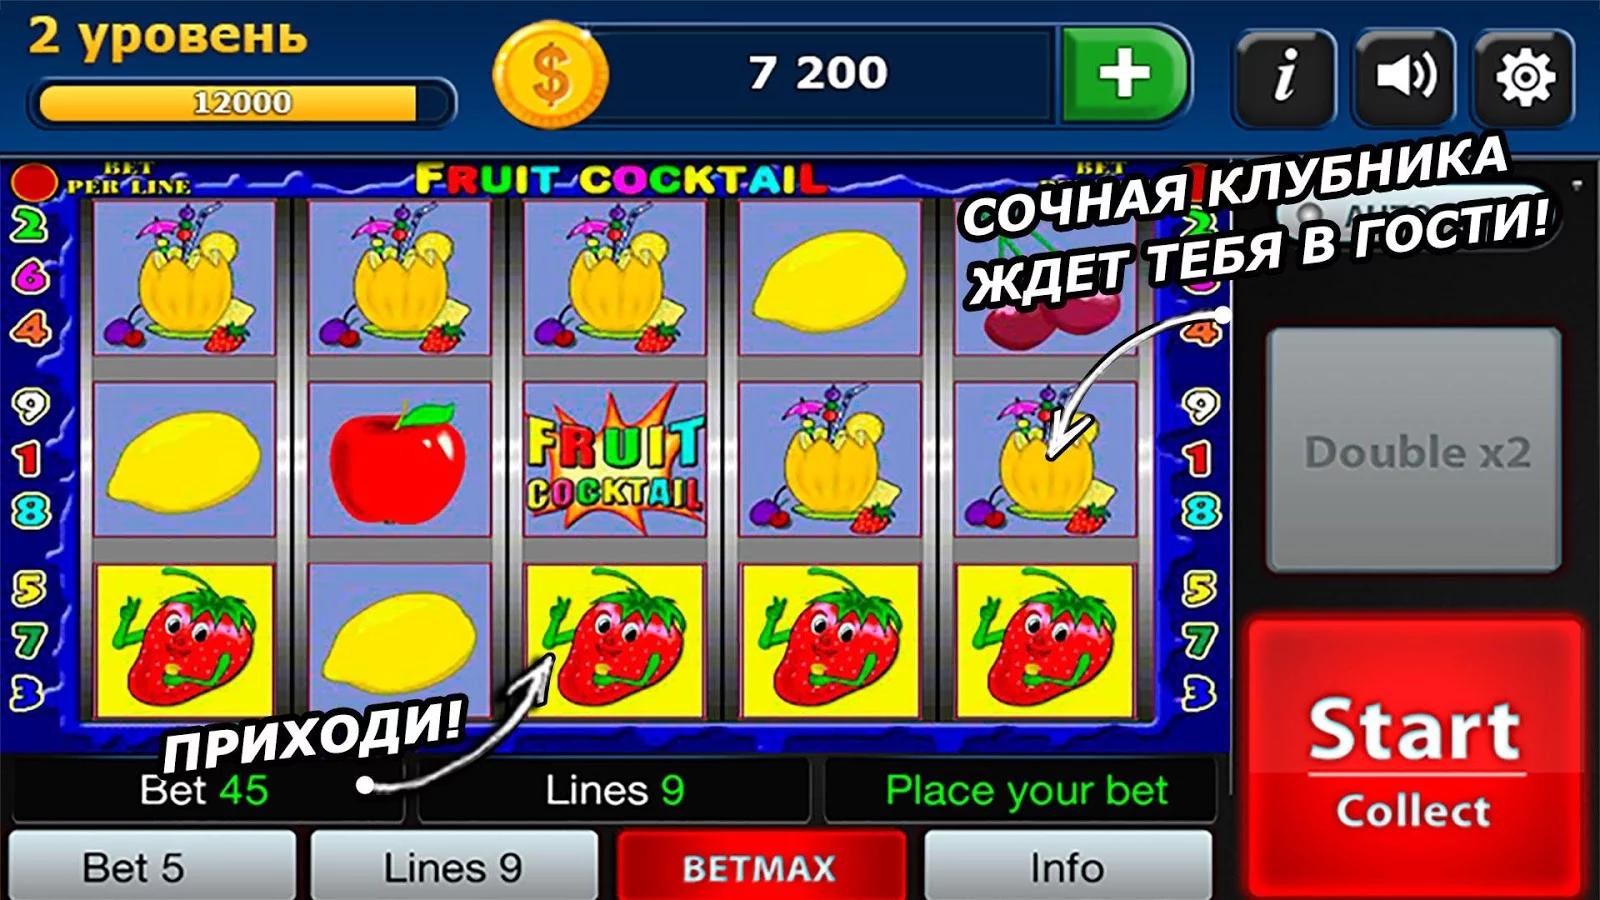 скачать игру казино вулкан на андроид